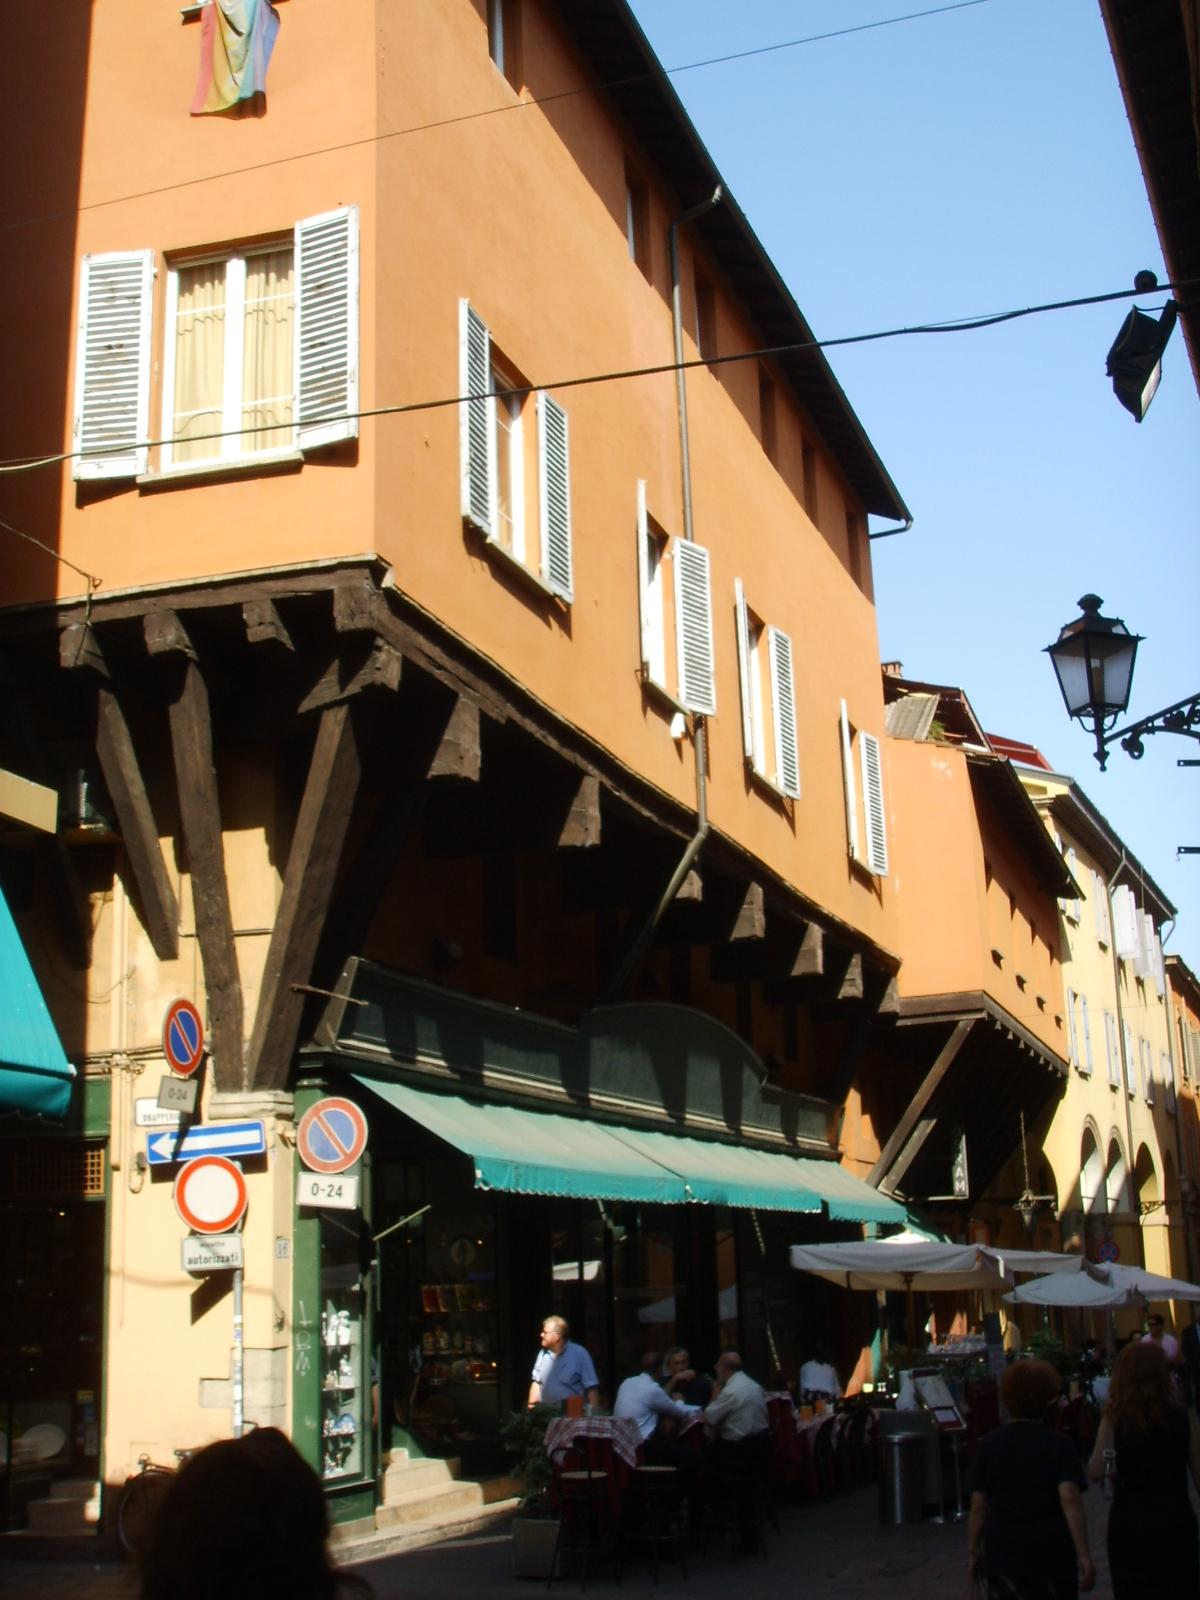 Portici di bologna wikipedia for Case di riposo bologna prezzi